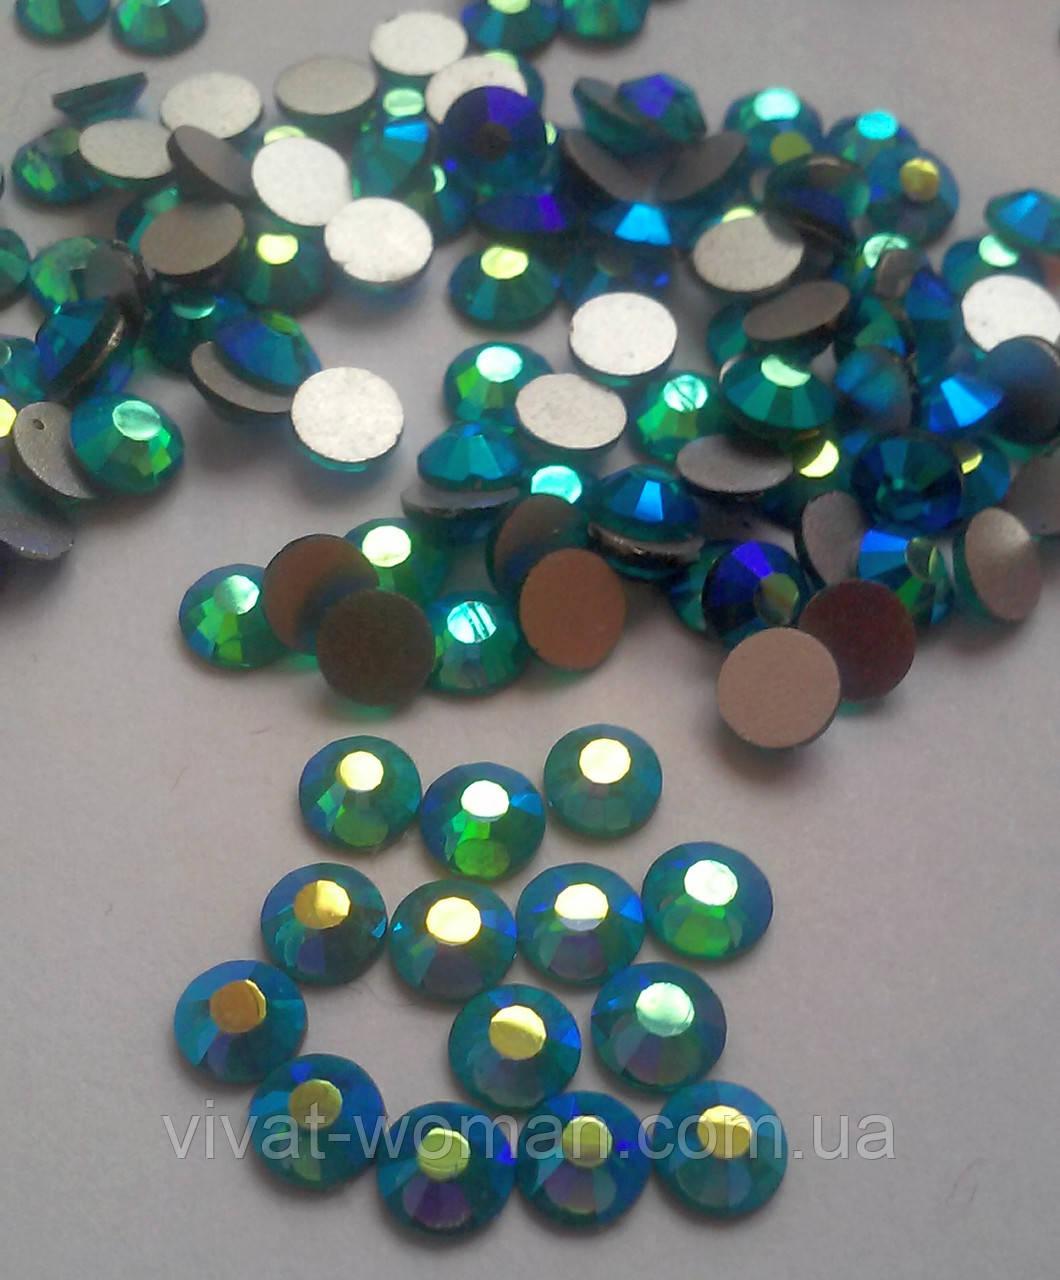 Стрази А+ Blue Zircon AB (синьо-зелений) SS20 холодної фіксації. Ціна за 144 шт